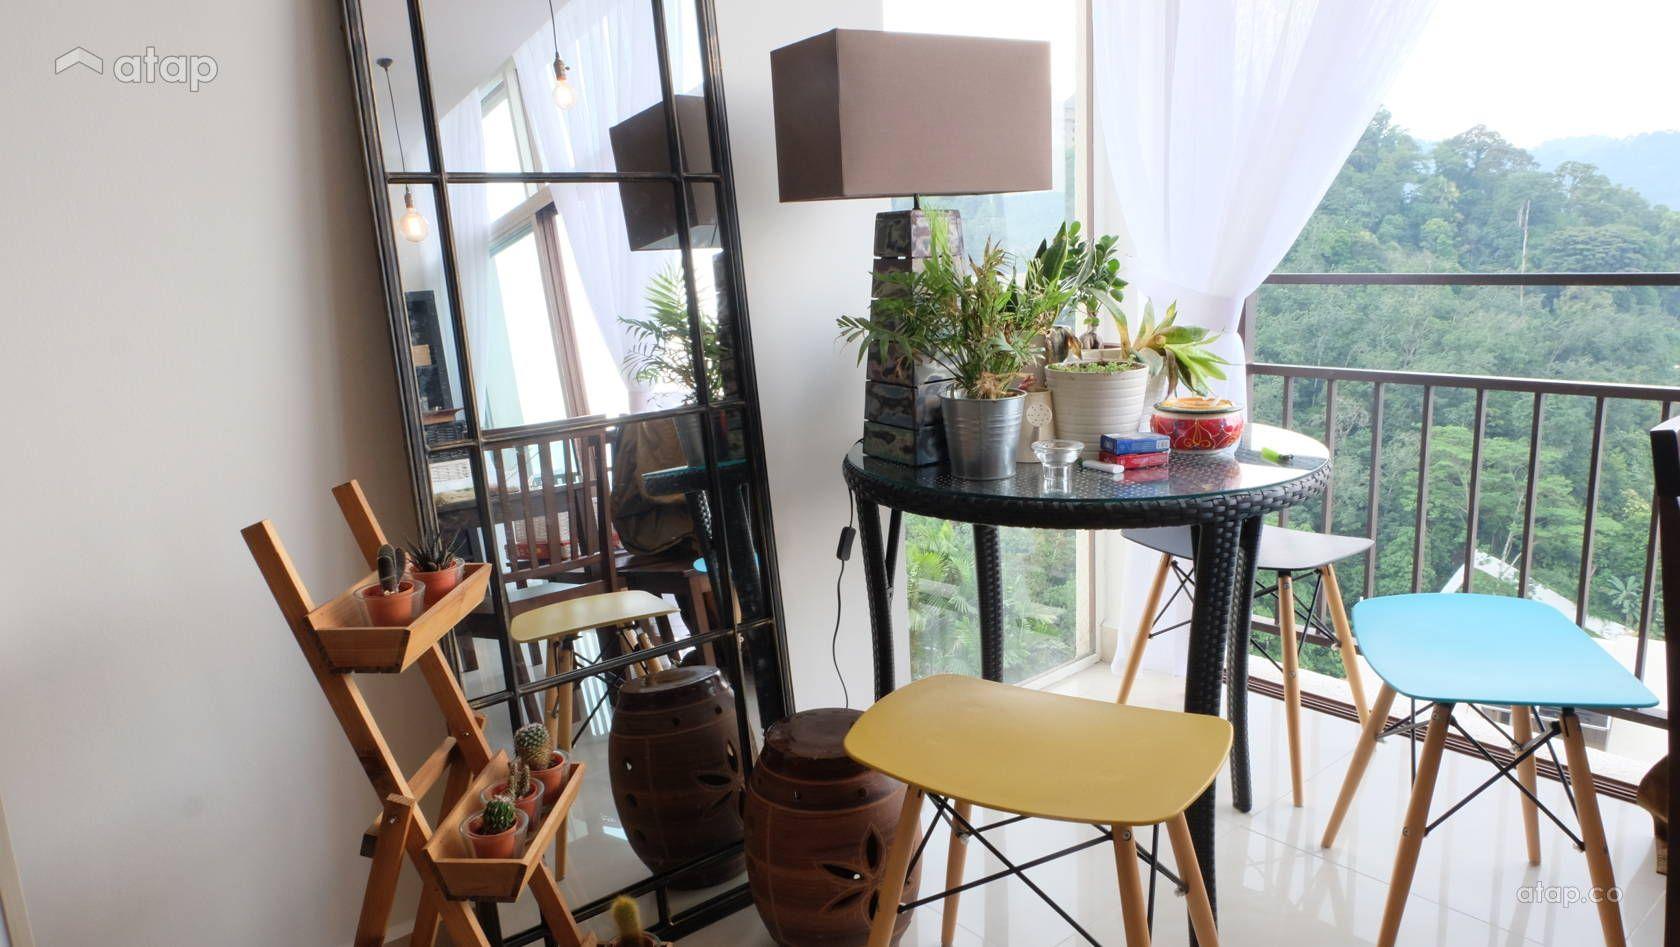 Industrial Balcony Condominium Design Ideas Photos Malaysia Atap Co Condominium Design Design Condominium